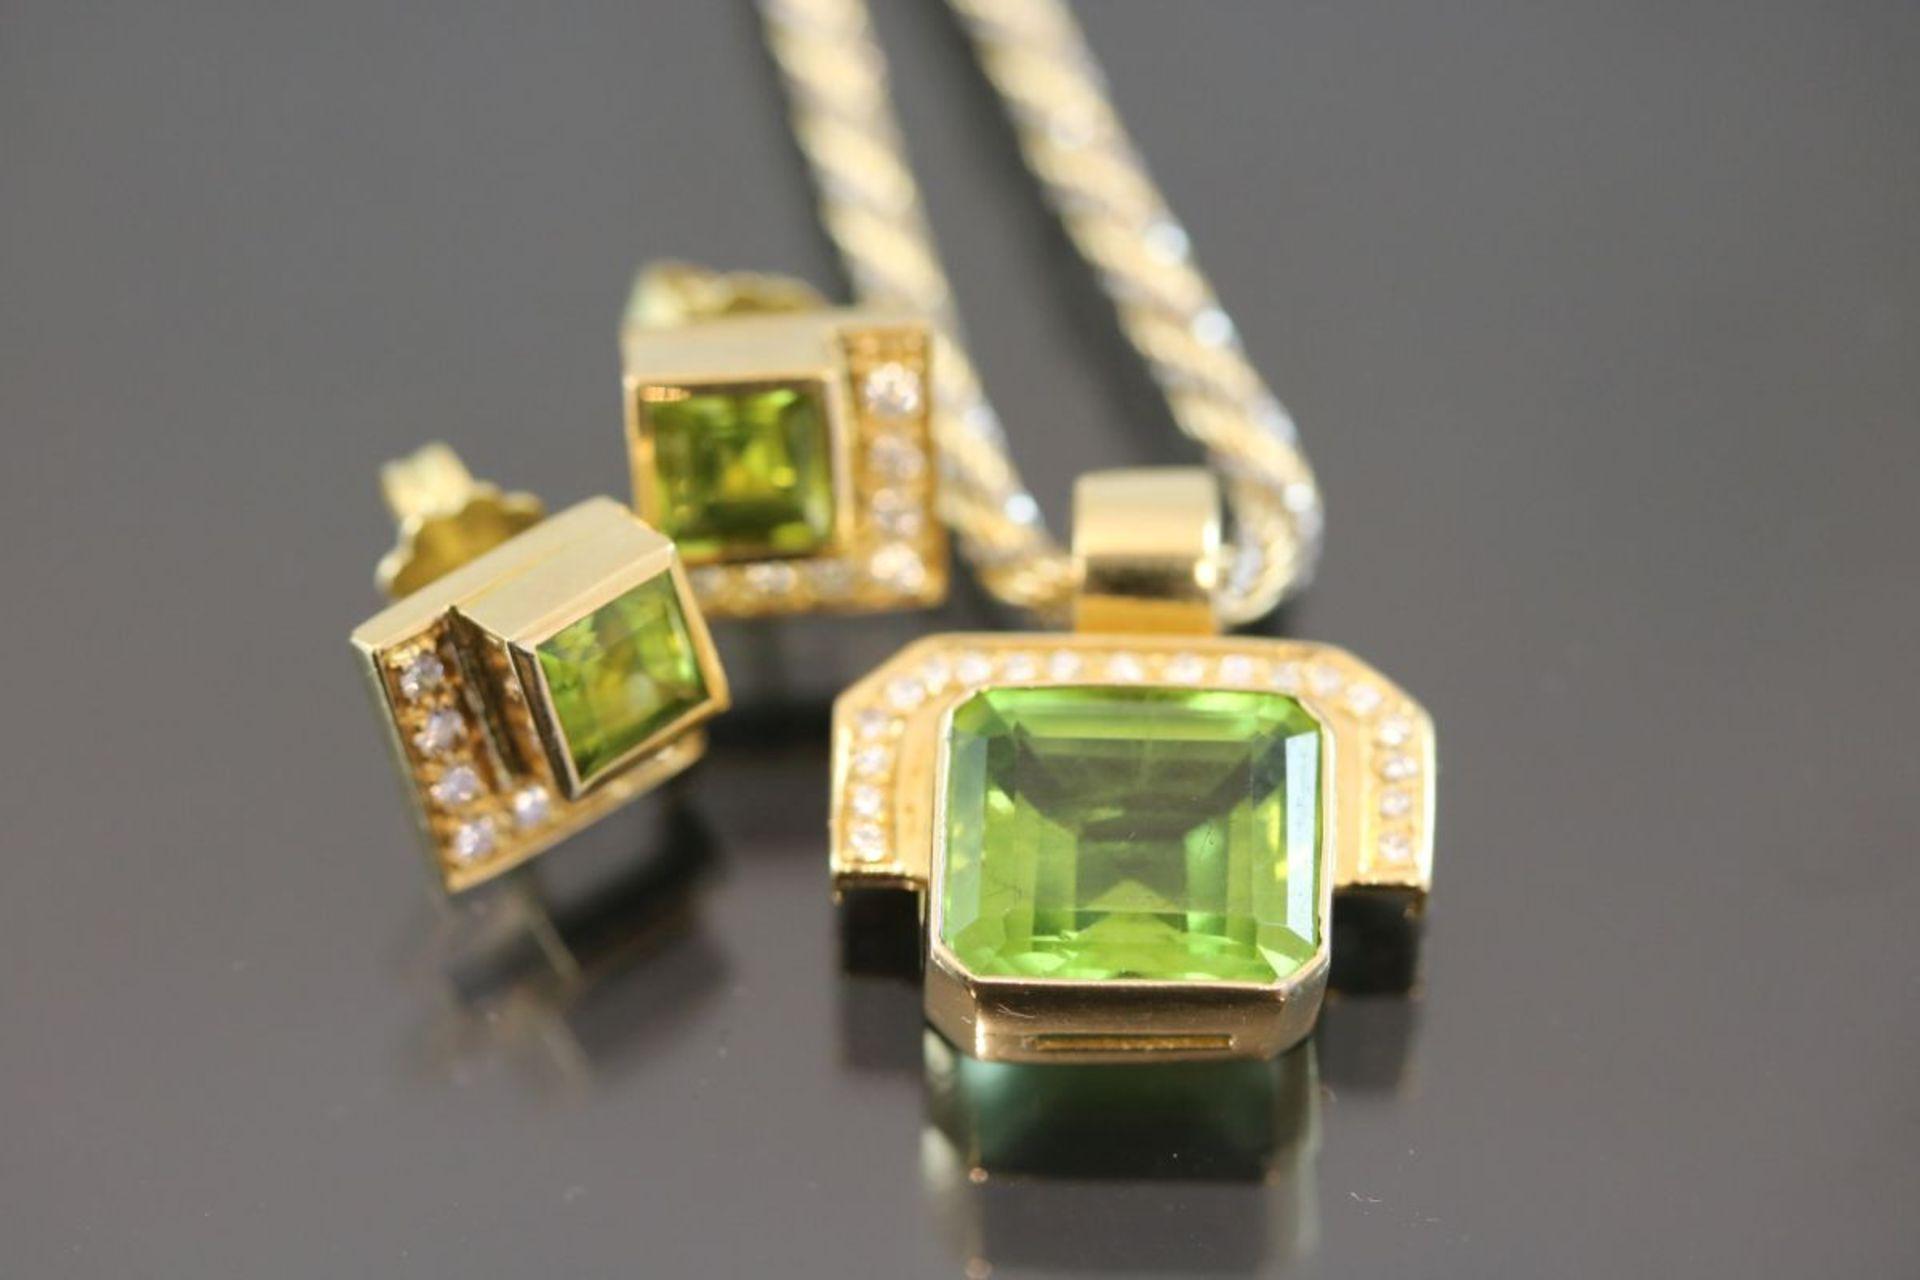 Peridot-Brillant-Set, 750 Gelbgold28,7 Gramm 32 Brillanten, 0,46 ct., tw/vvsi. Schätzpreis: 4000,- - Bild 2 aus 3